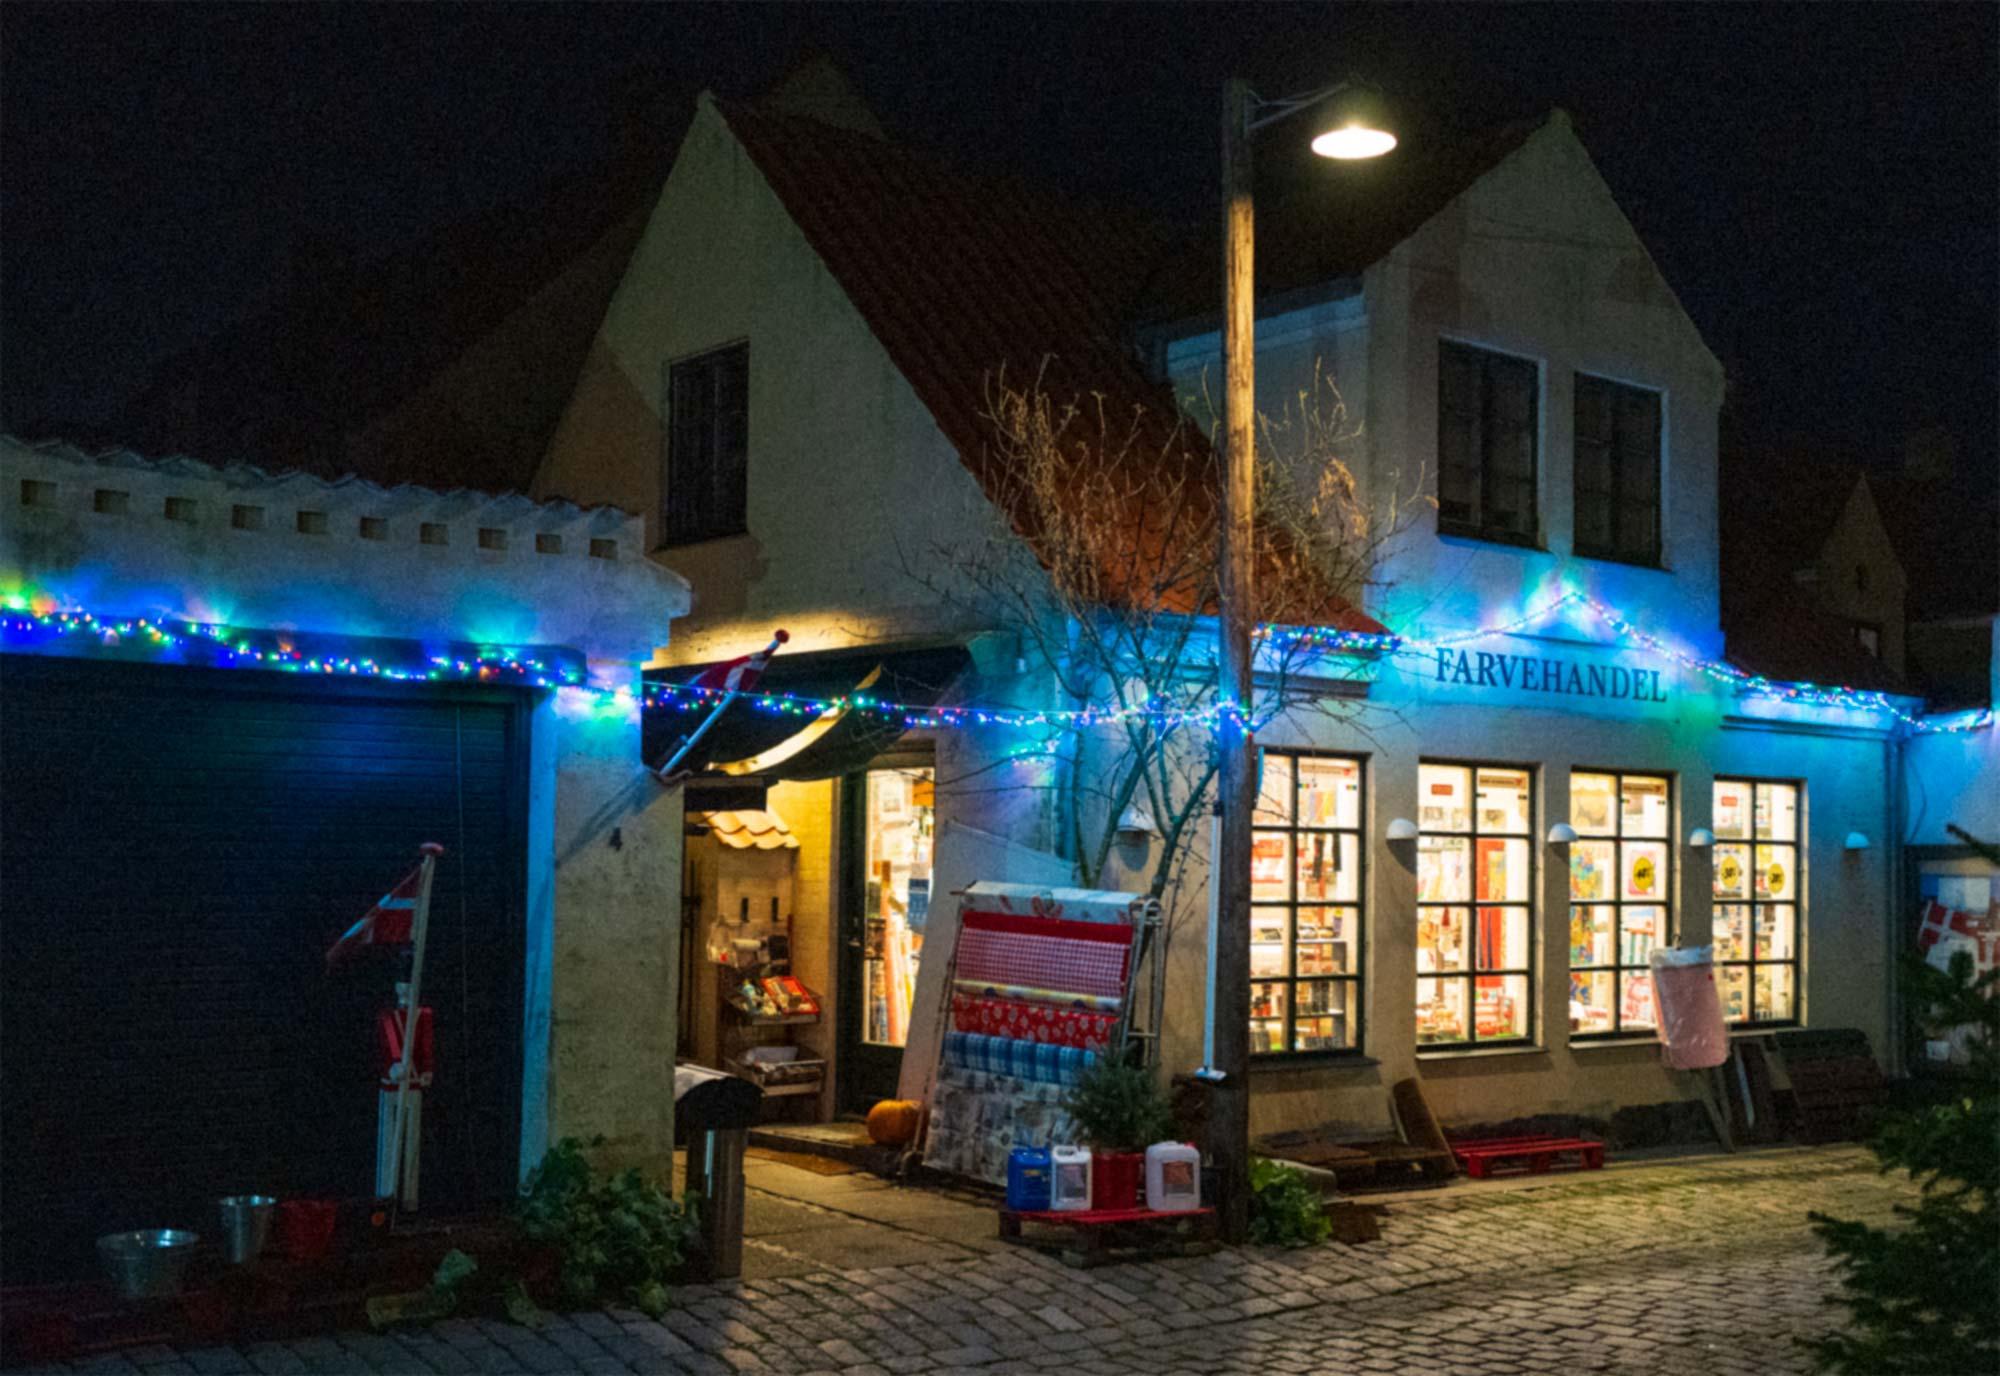 Den gamle farvehandel i Dragør er pyntet op til julehandlen. Foto: TorbenStender.